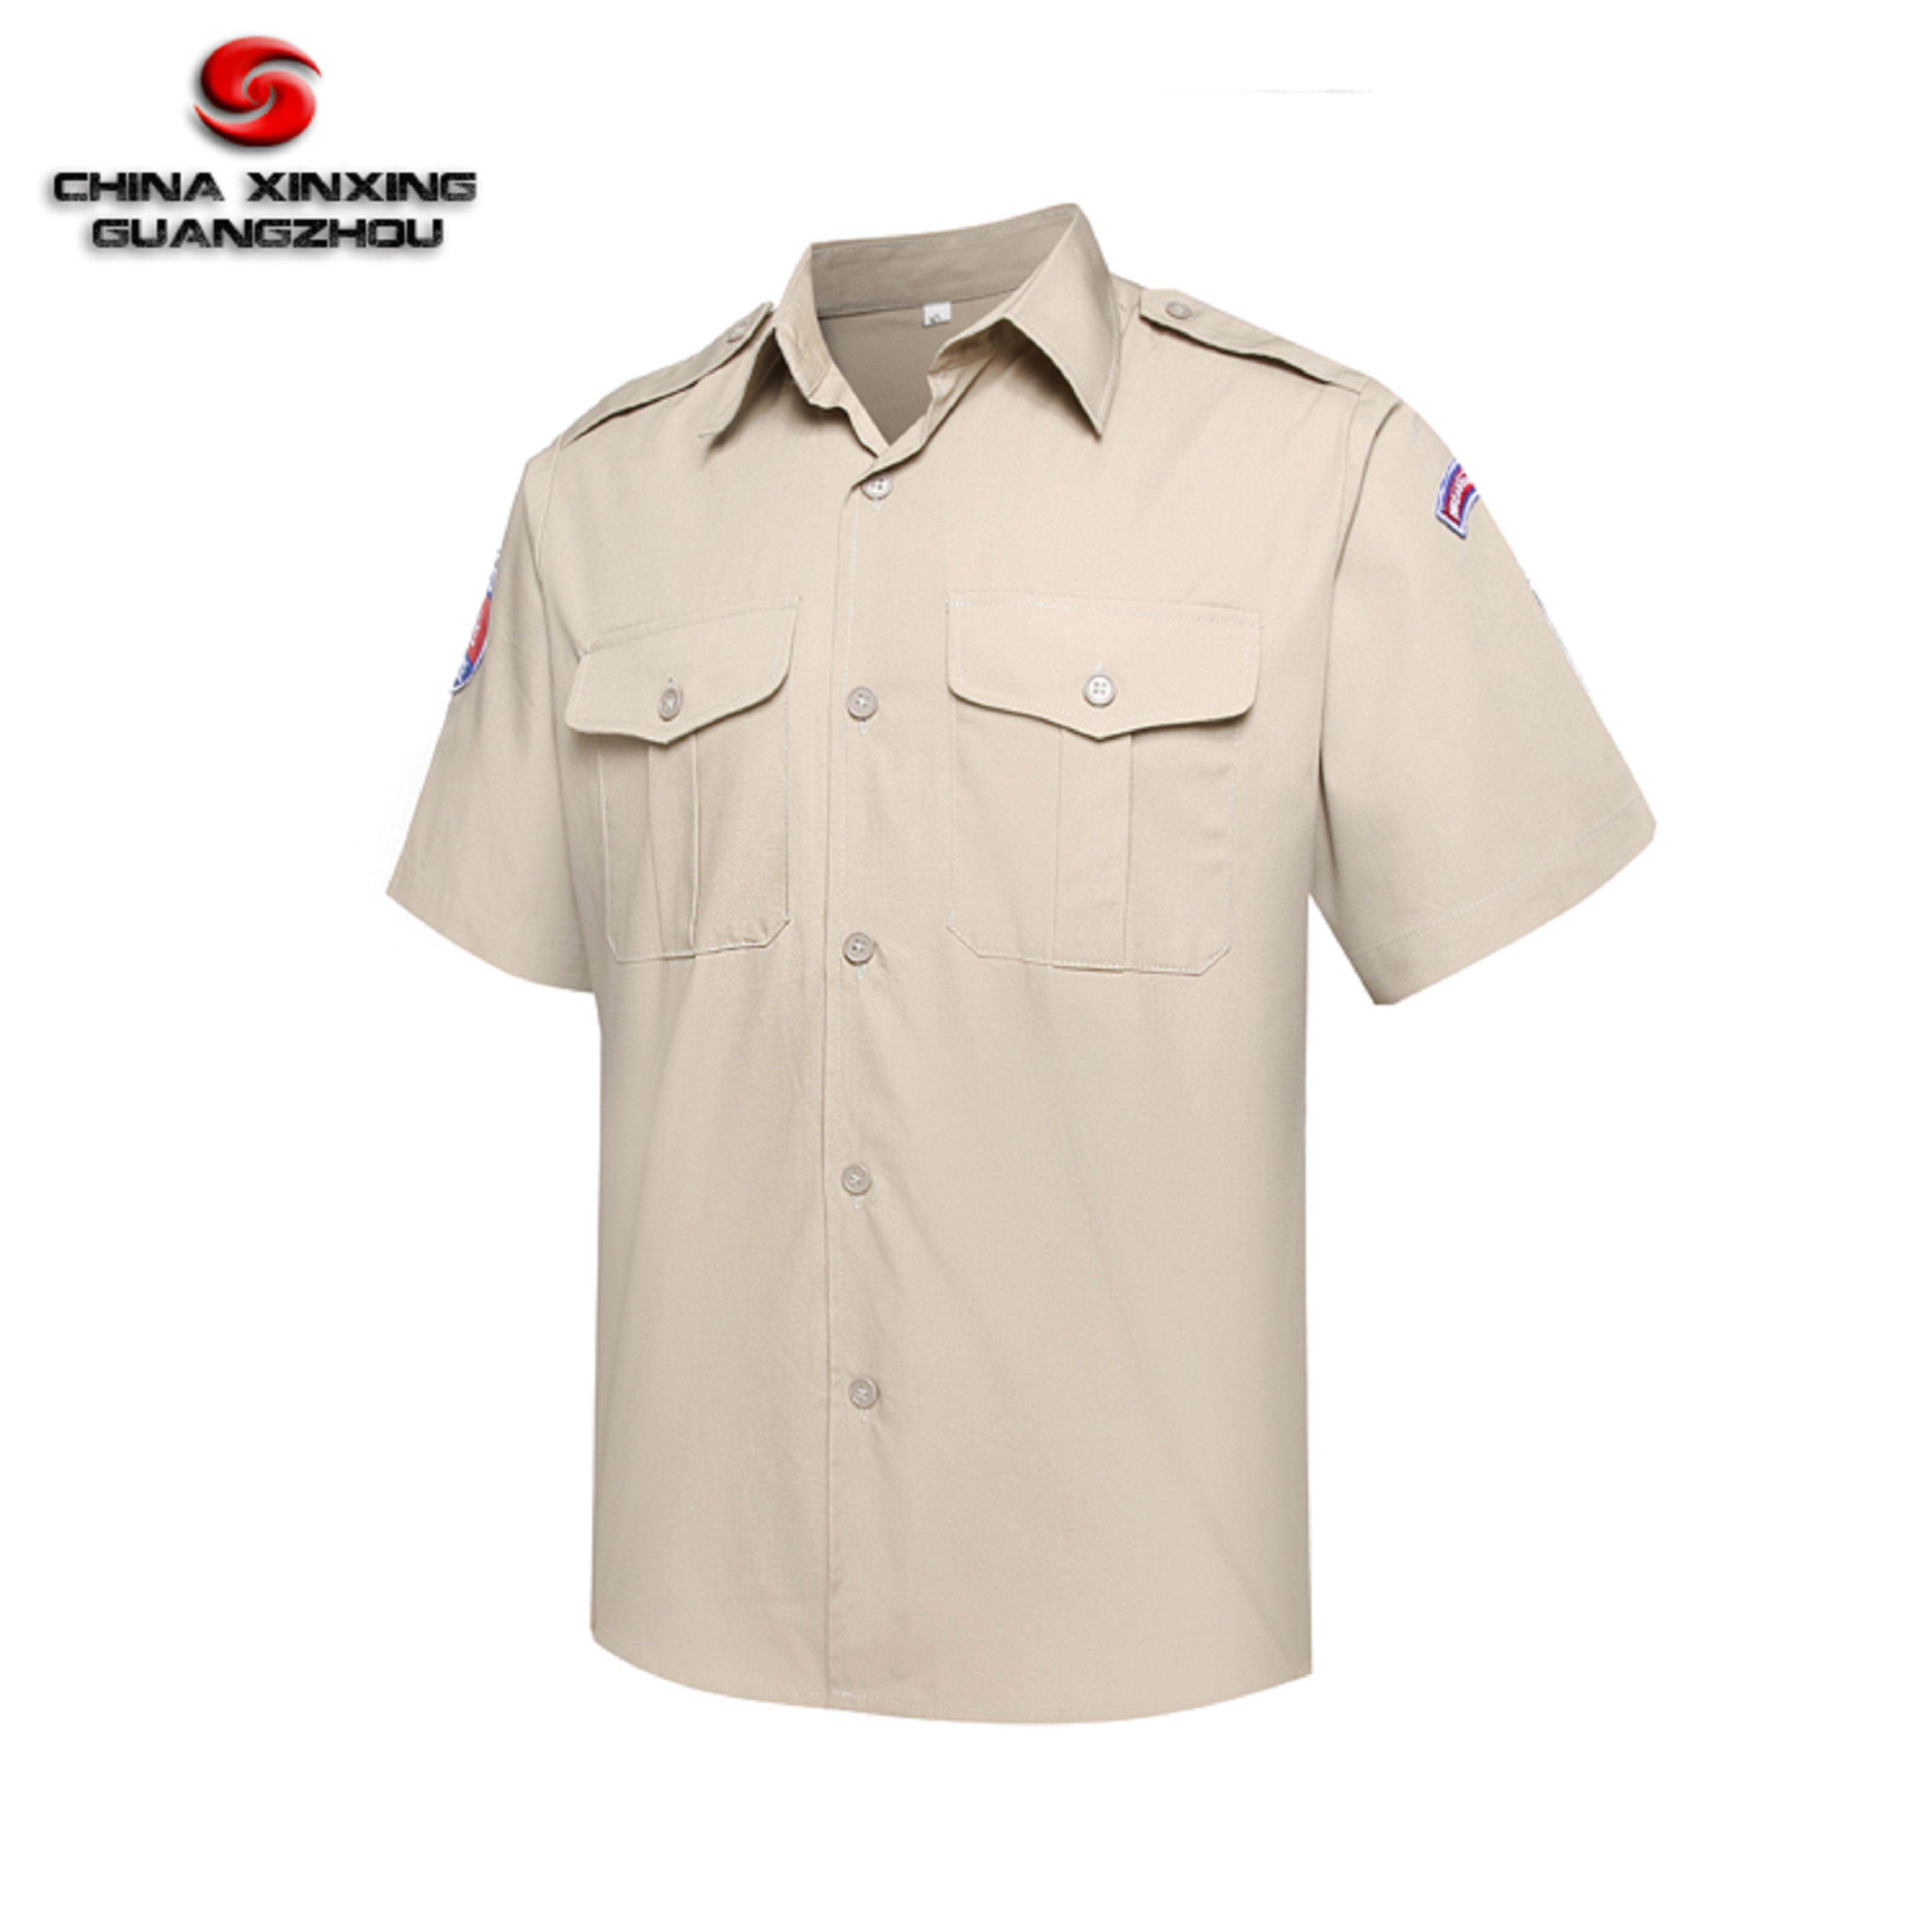 c2d42eaac8bf4 مصادر شركات تصنيع مسؤول قميص للرجال ومسؤول قميص للرجال في Alibaba.com